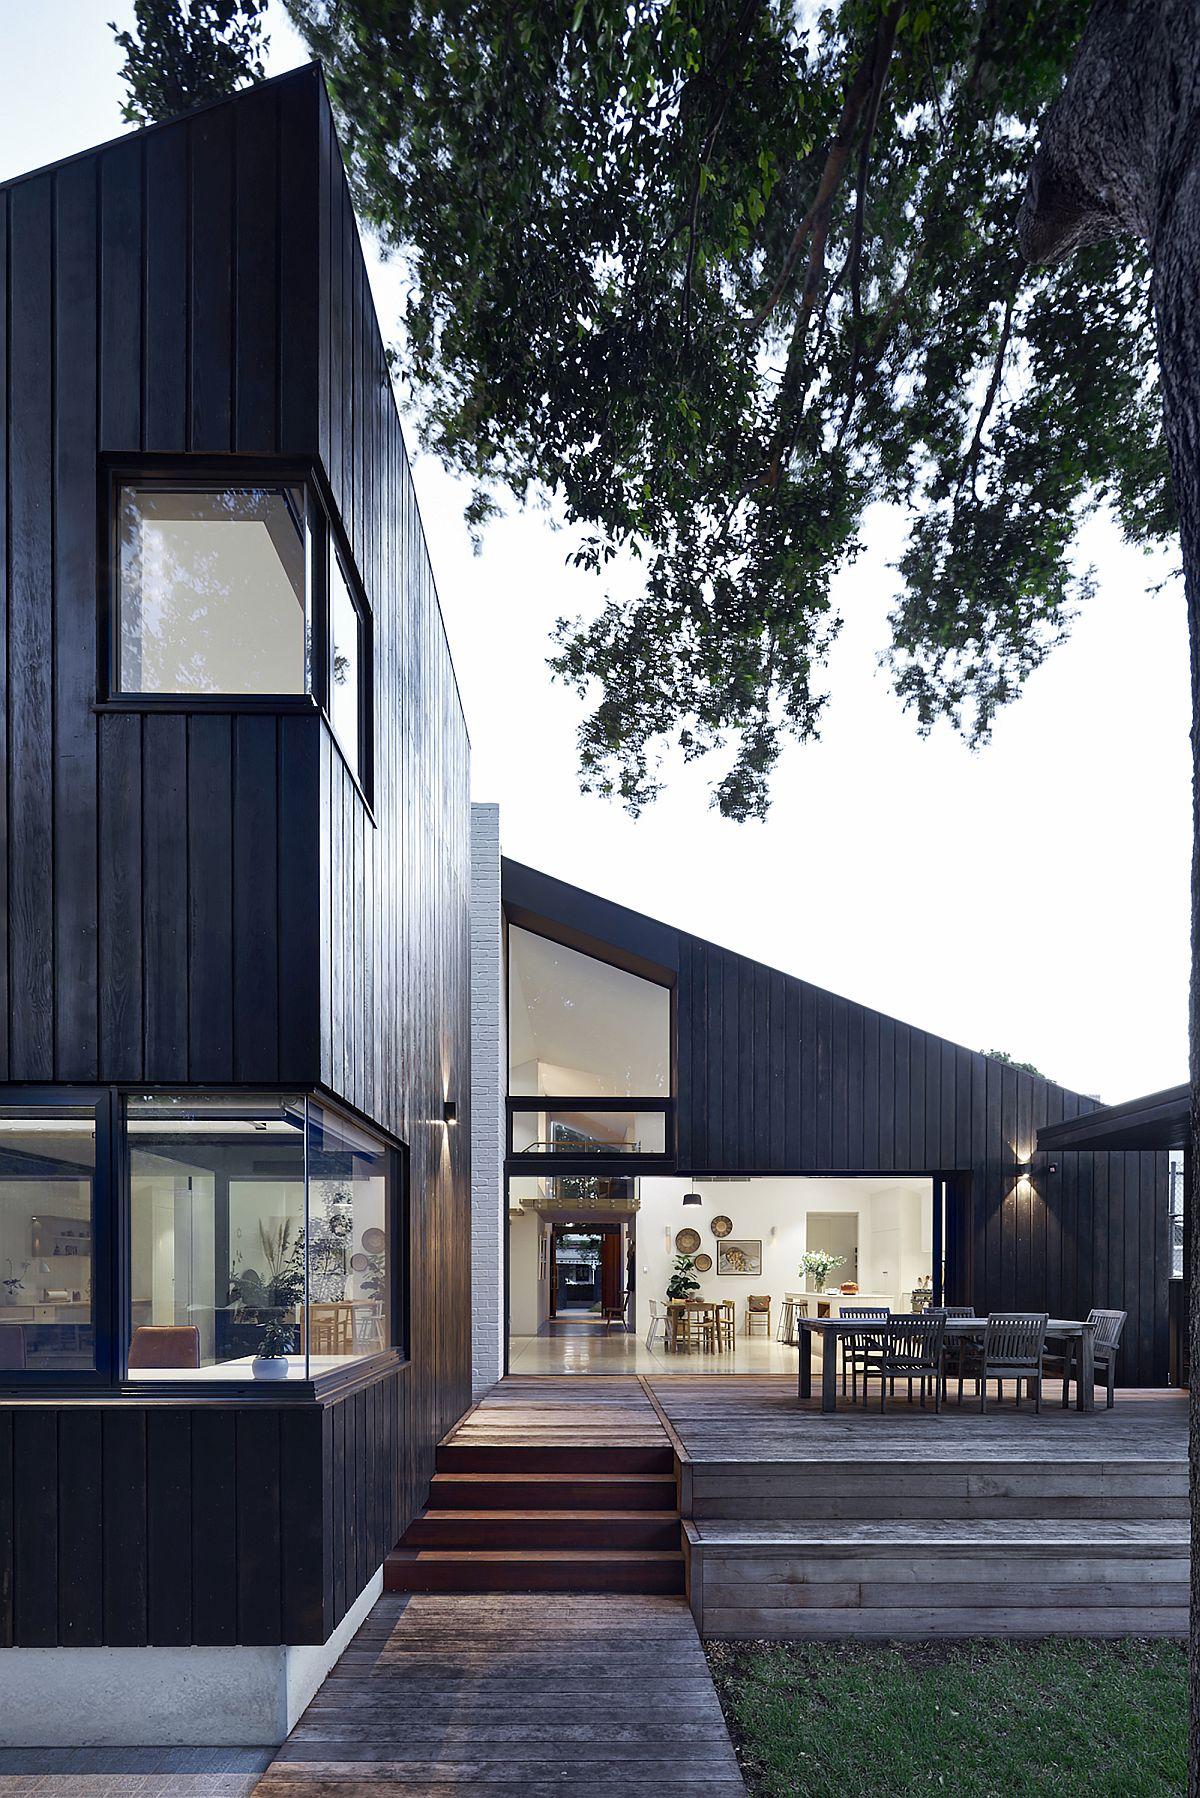 La grande terrasse en bois prolonge le salon à l'extérieur et relie l'intérieur avec le jardin